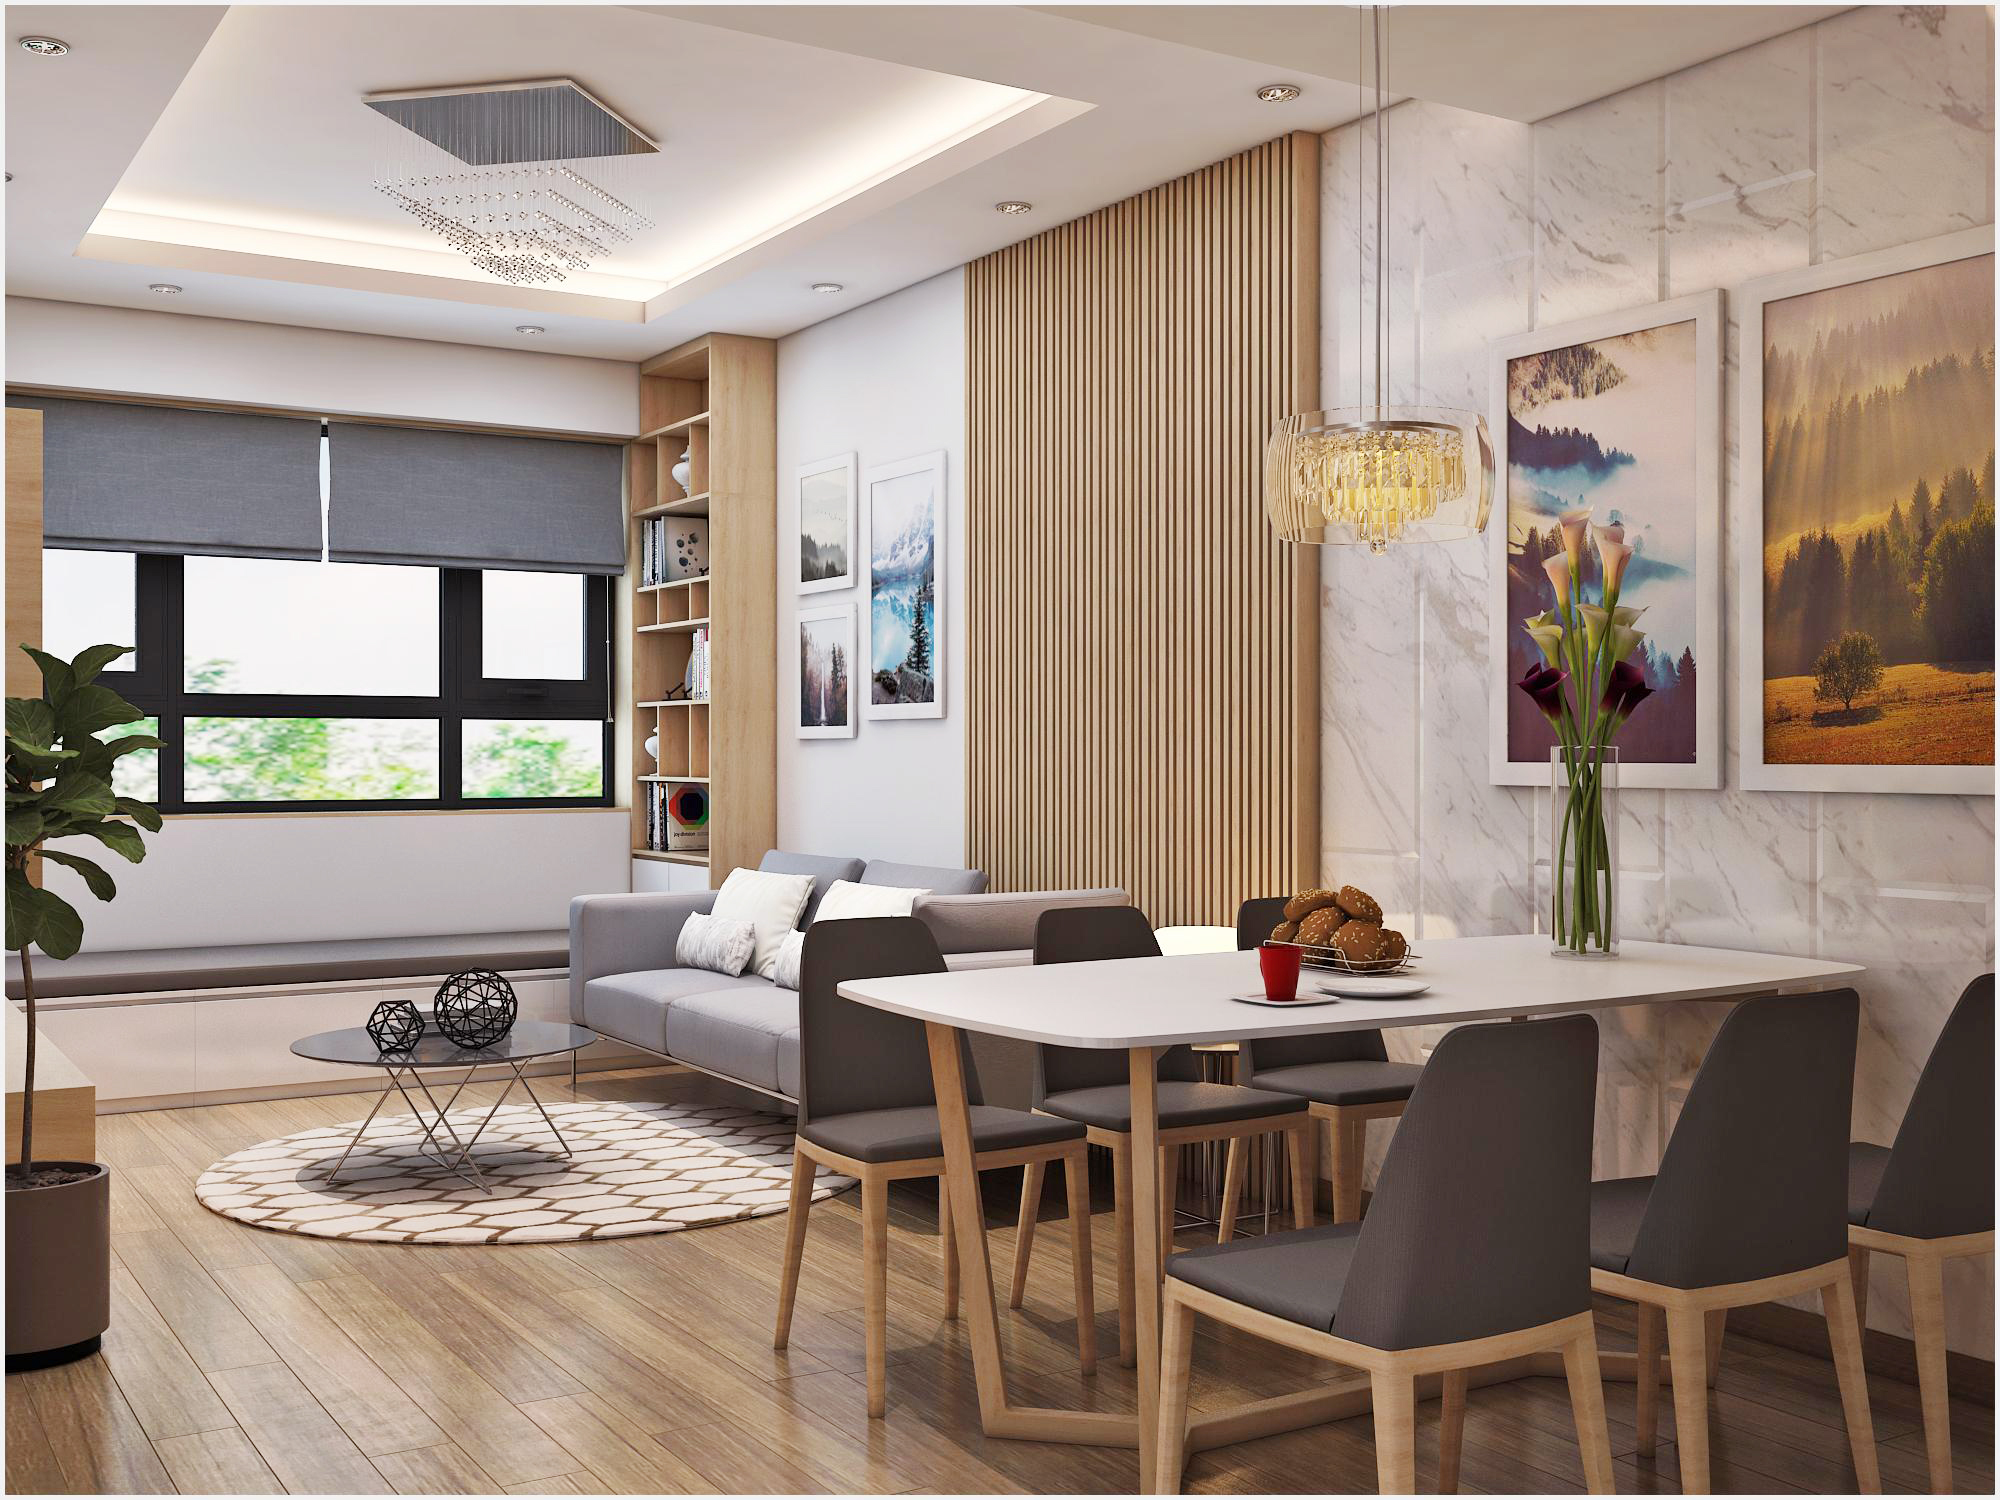 Thiết kế nội thất chuyên nghiệp chất lượng hàng đầu tại Nội thất Fuhome